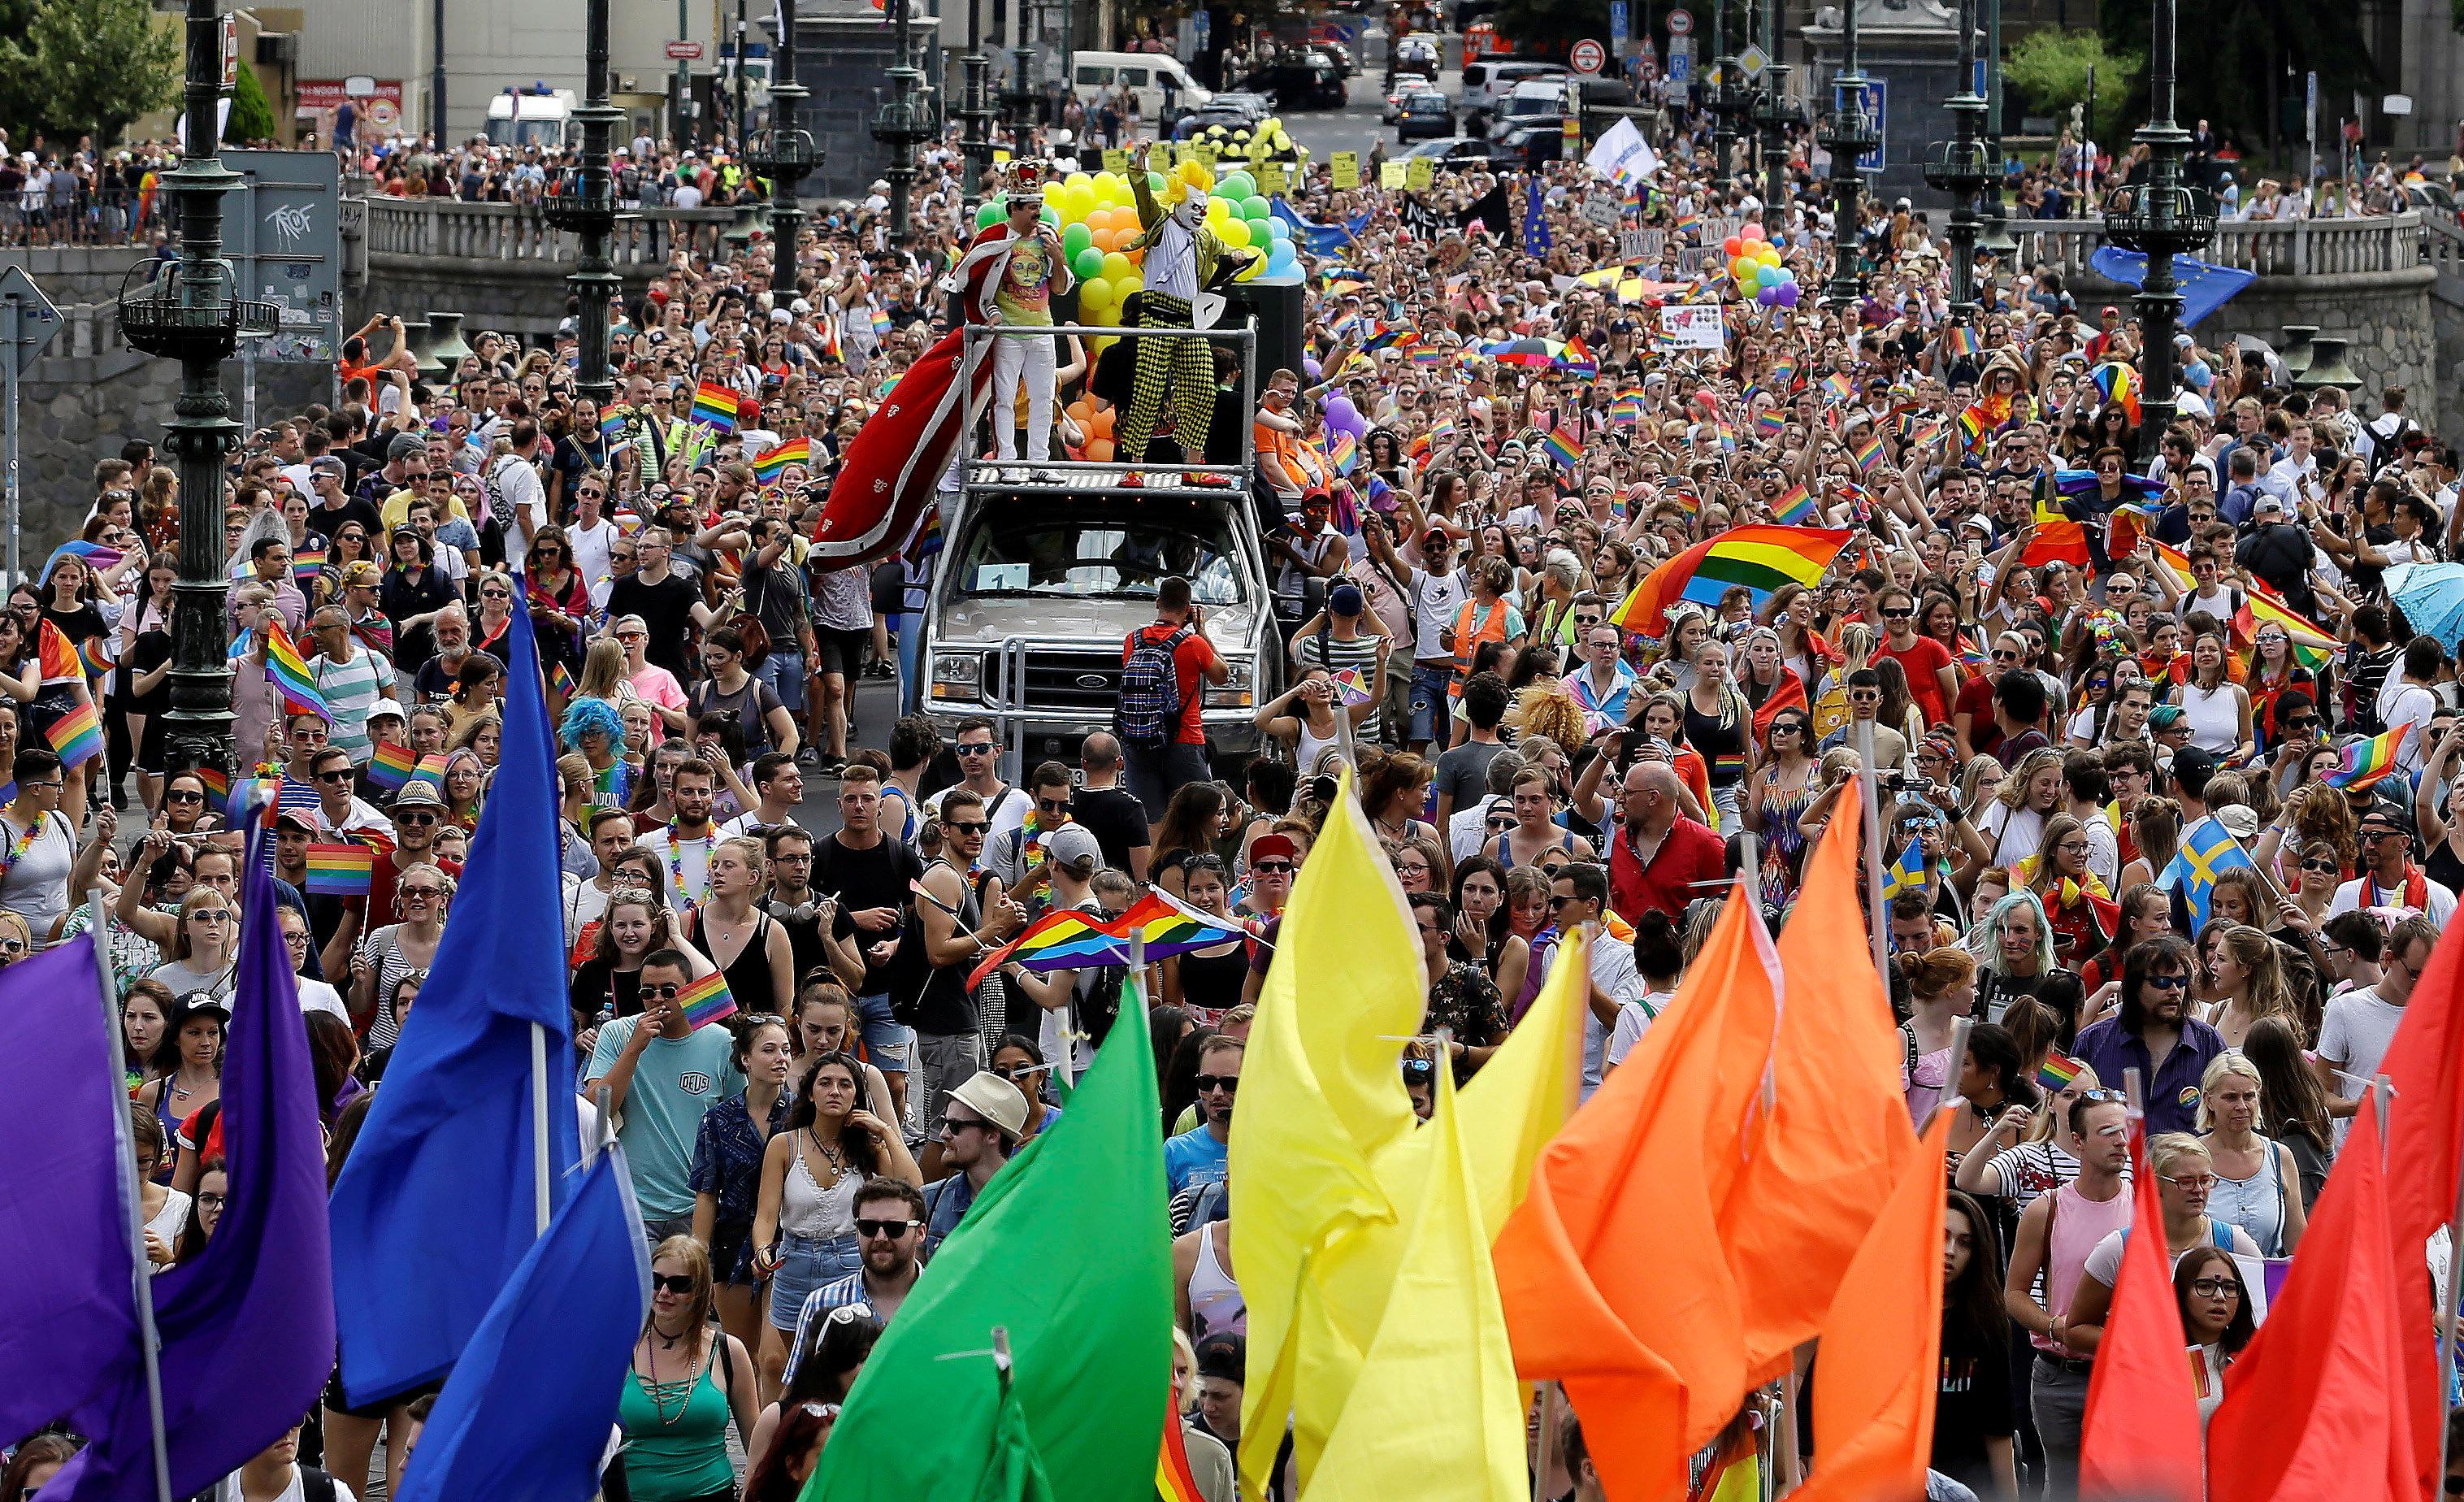 جانب من مظاهرات المثليين فى التشيك